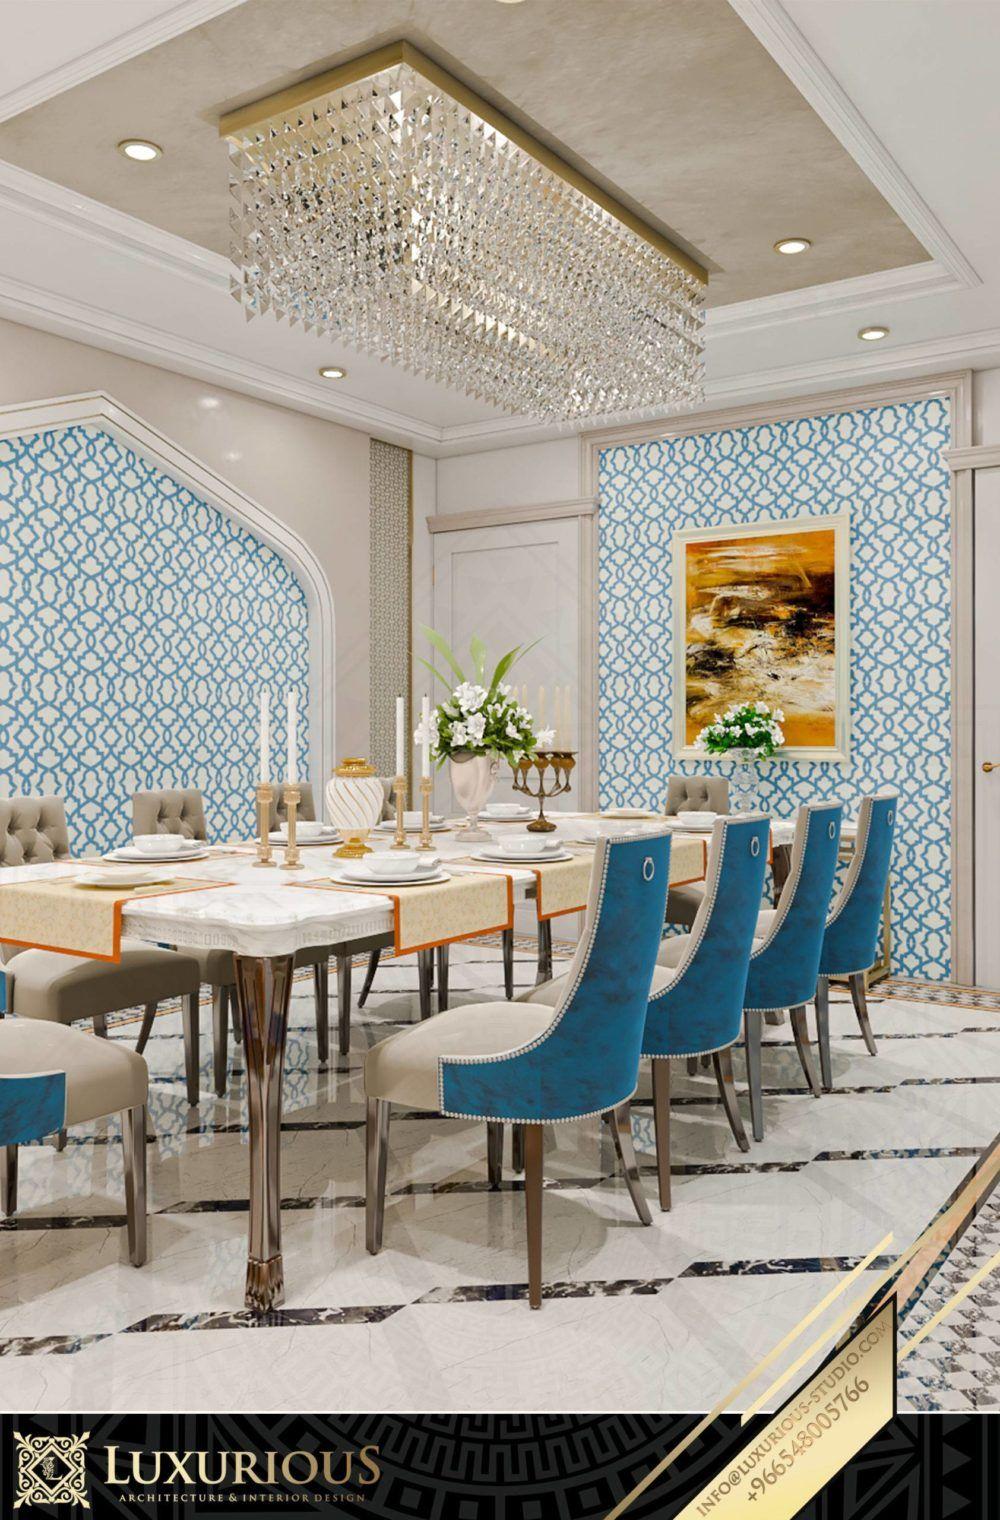 افضل شركة تصميم داخلي في السعودية تصميم داخلي الشرقية تصميم داخلي الدمام تصميم داخلي الخبر تصميم داخلي الرياض تصميم د Design Home Decor Dining Chairs